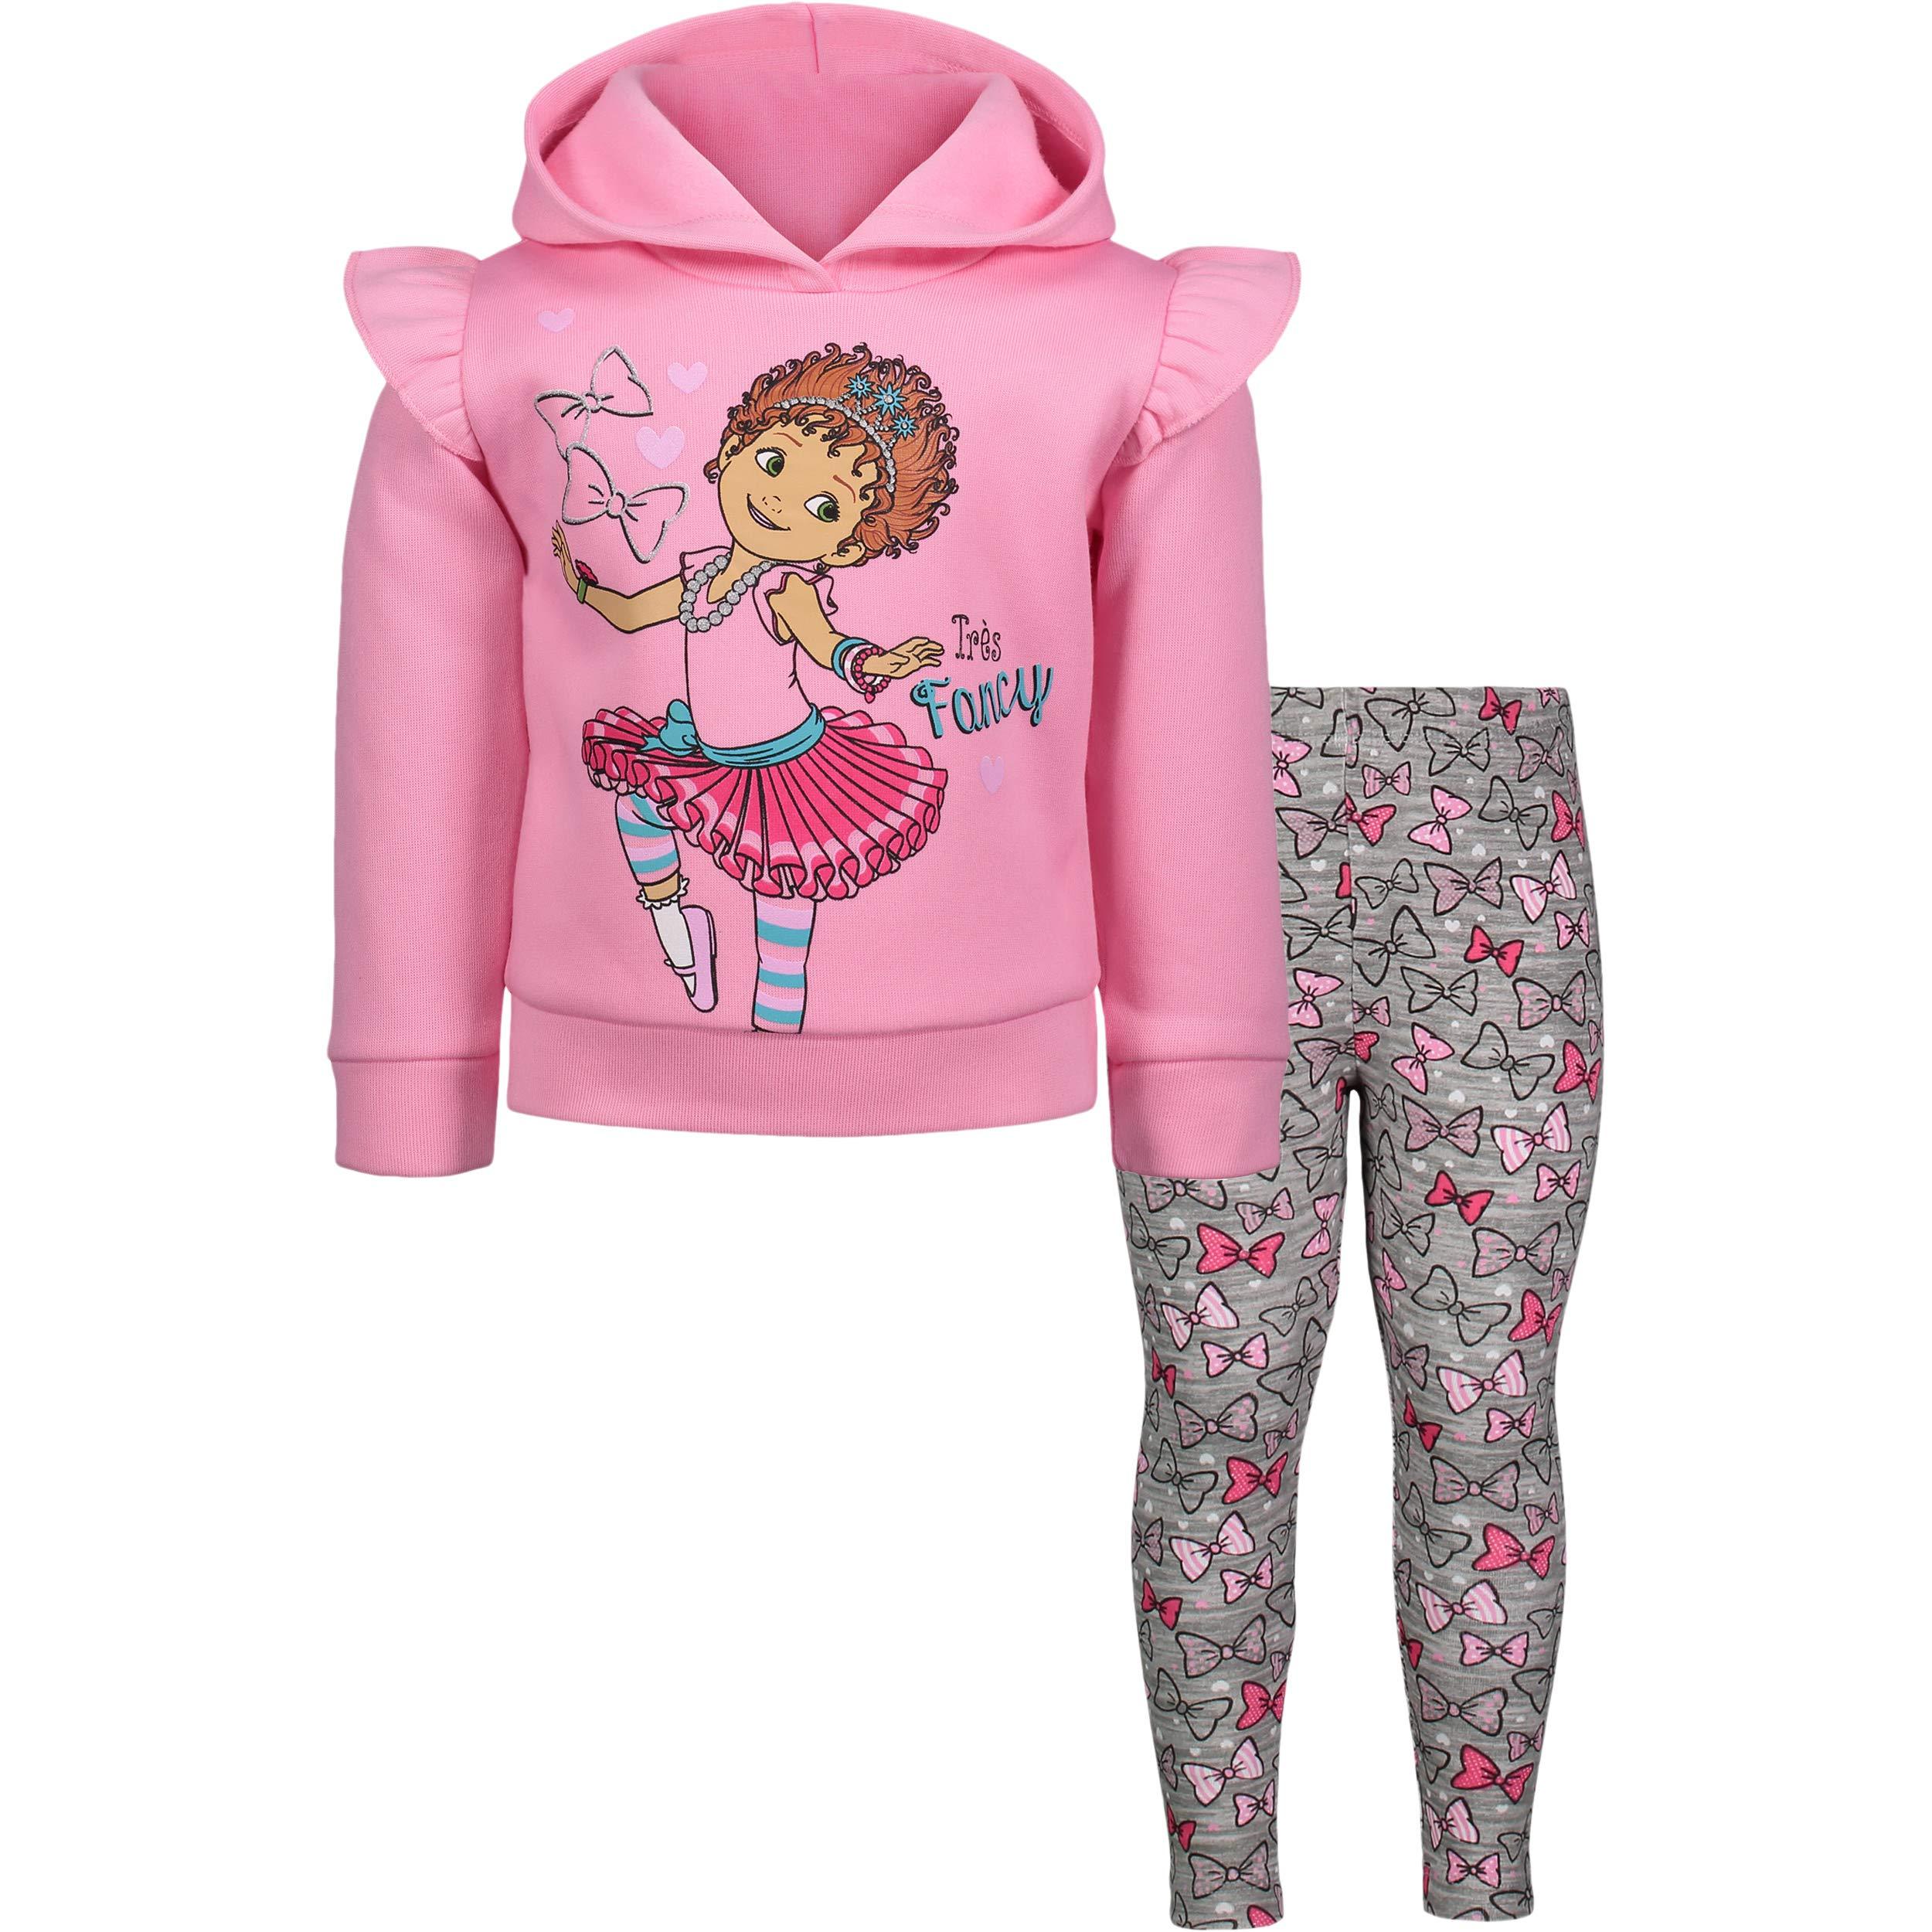 Disney Fancy Nancy Girls Fleece Pullover Hoodie and Leggings Set